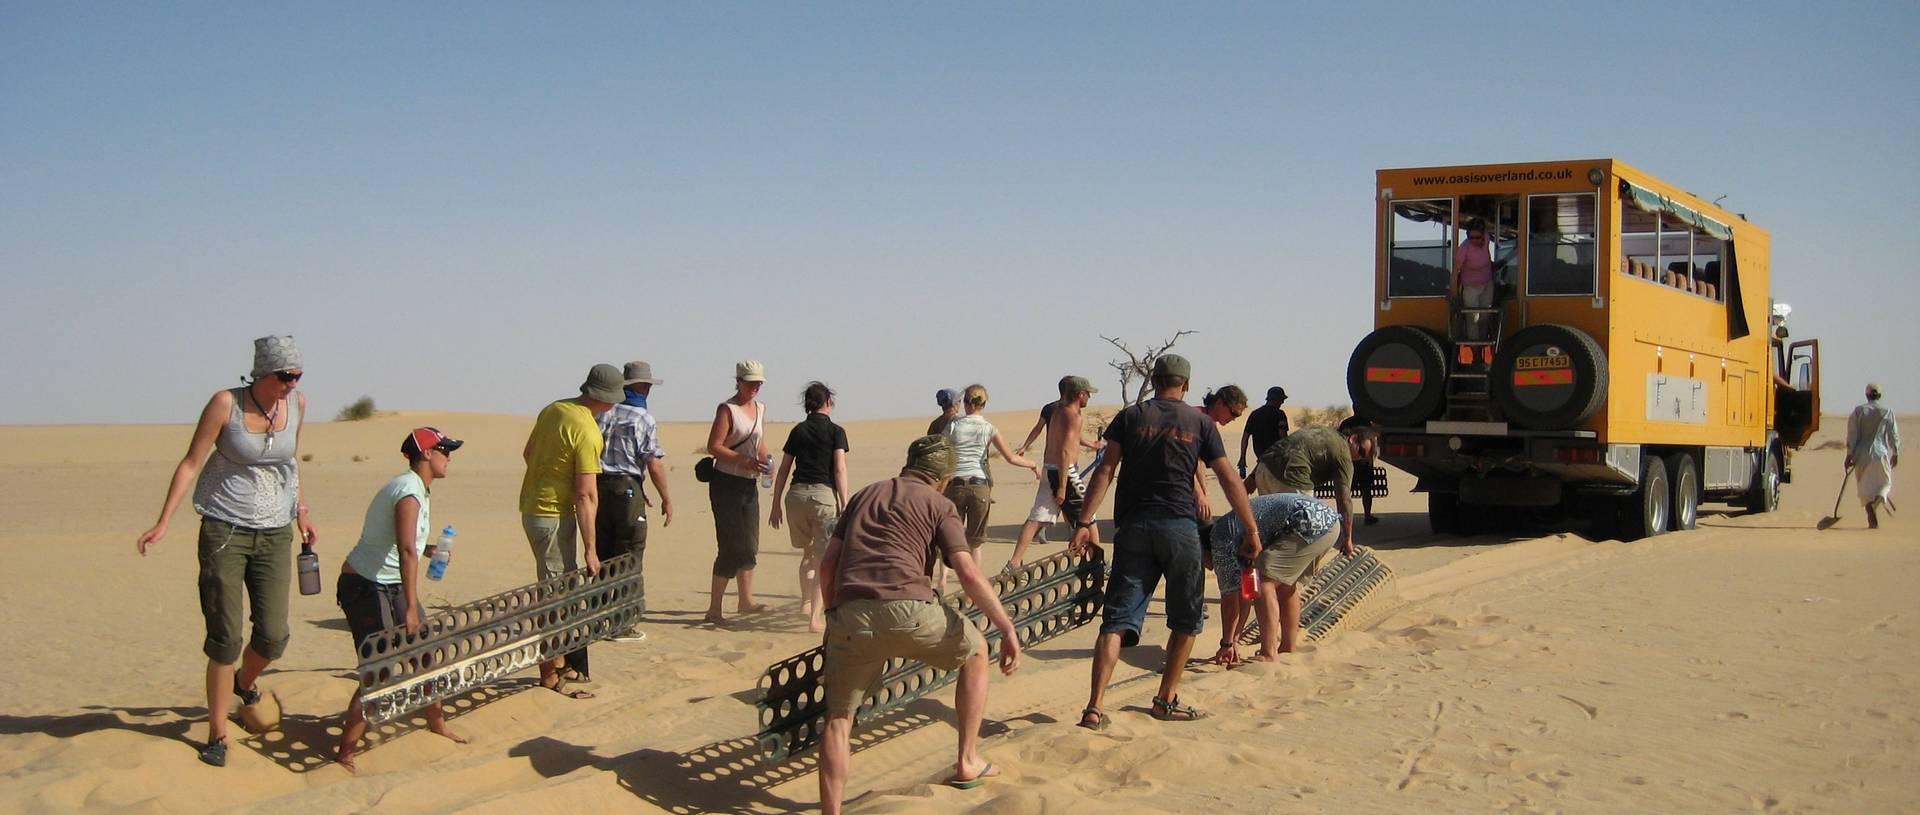 Sandmatting Through The Nubian Desert